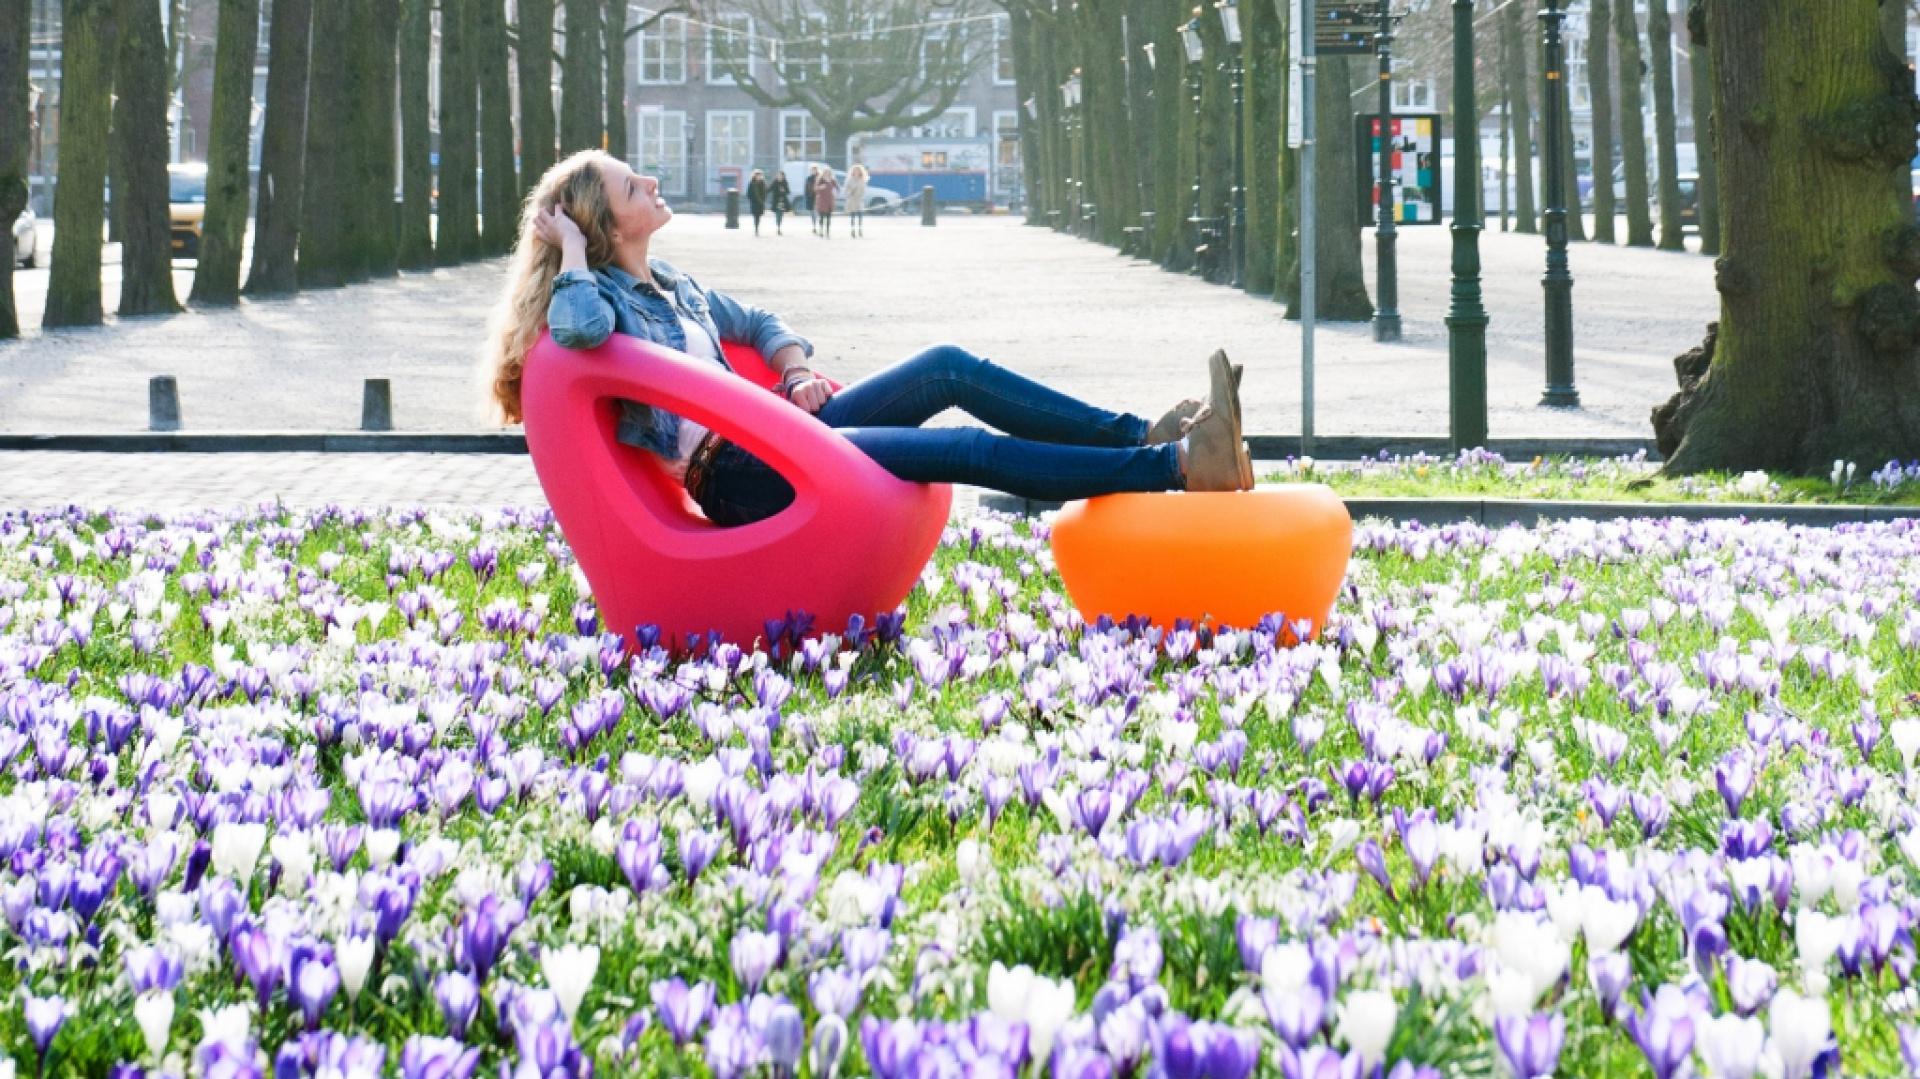 Kolorowe meble marki Lonc. Fot. Dutchhouse.pl